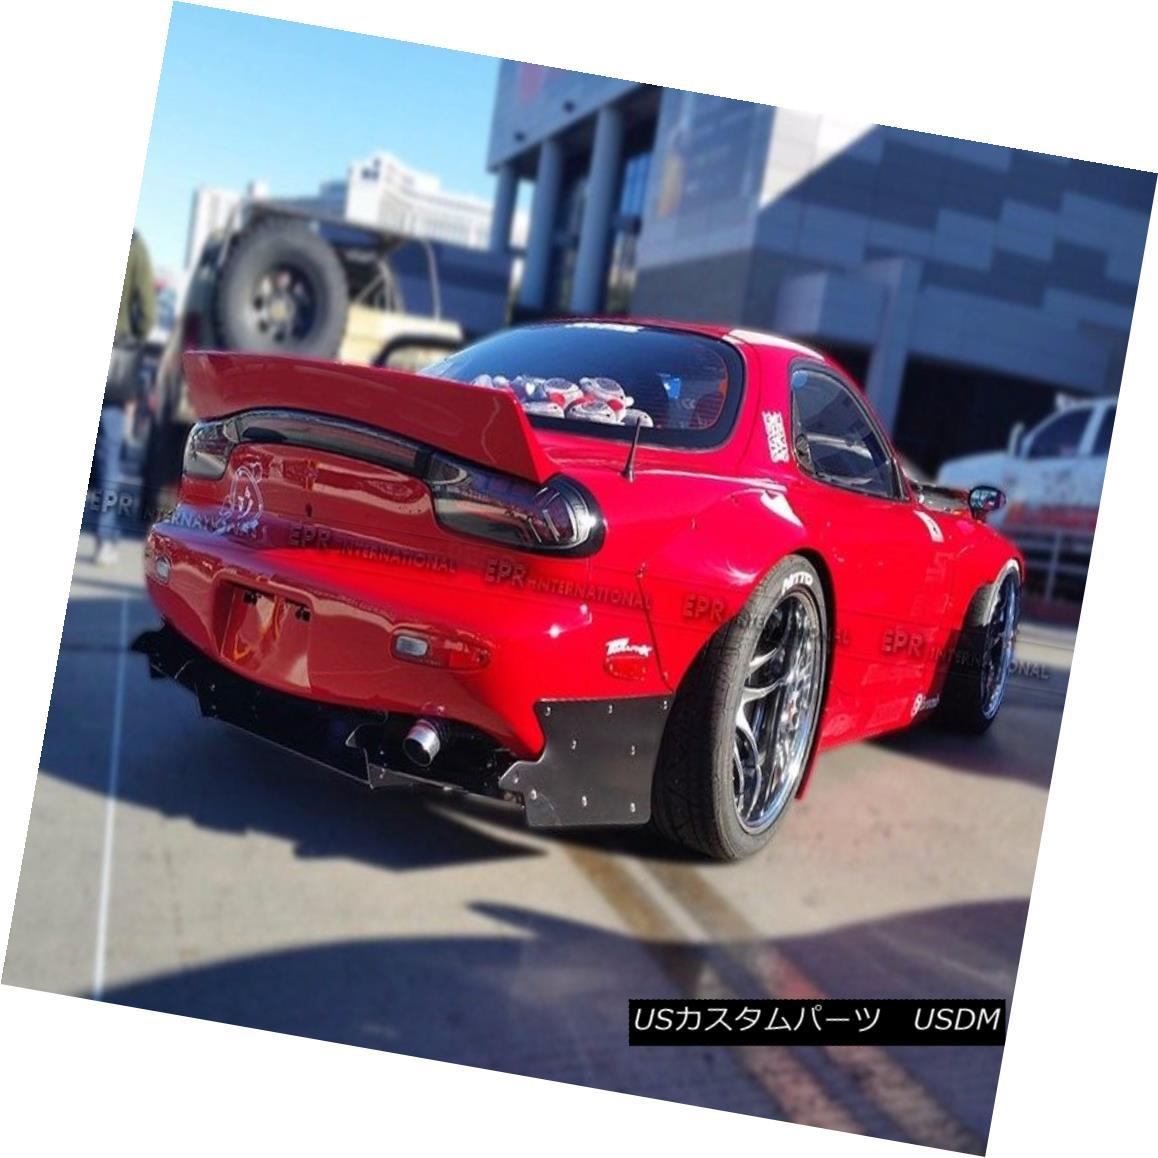 エアロパーツ For Mazda RX7 FD3S FRP Fiber Rear Under Diffuser Lip Lip Exterior Kit RB Style マツダRX7 FD3S FRPファイバーリアディフューザリップリップエクステリアキットRBスタイル用